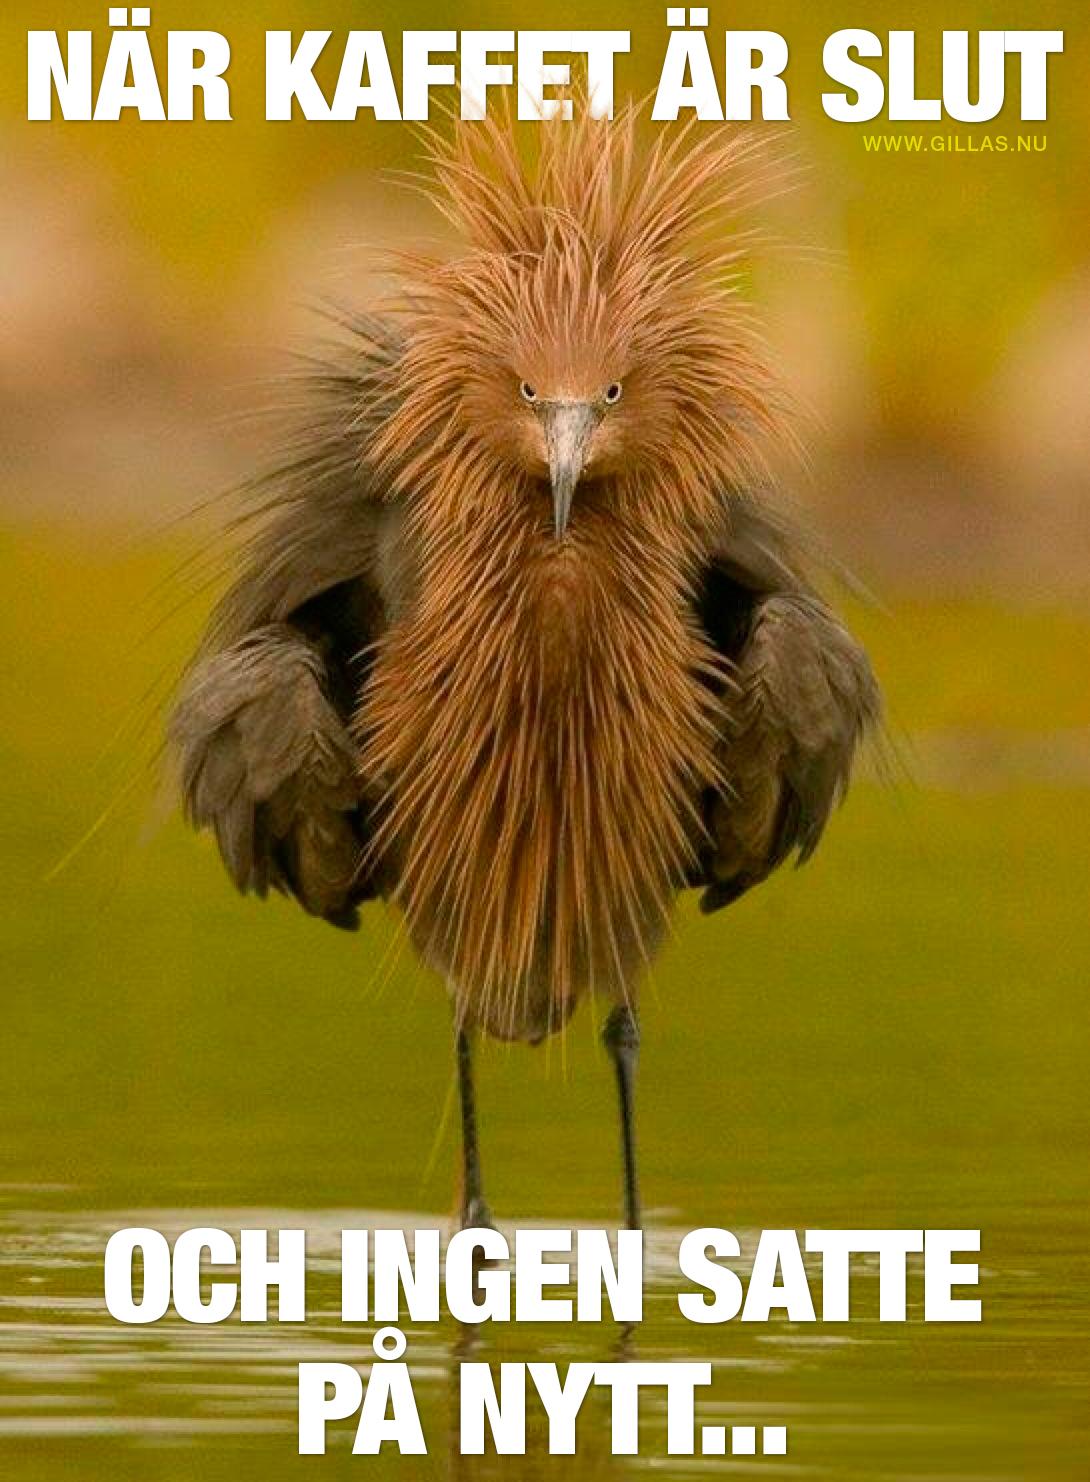 Fågel med arg uppsyn